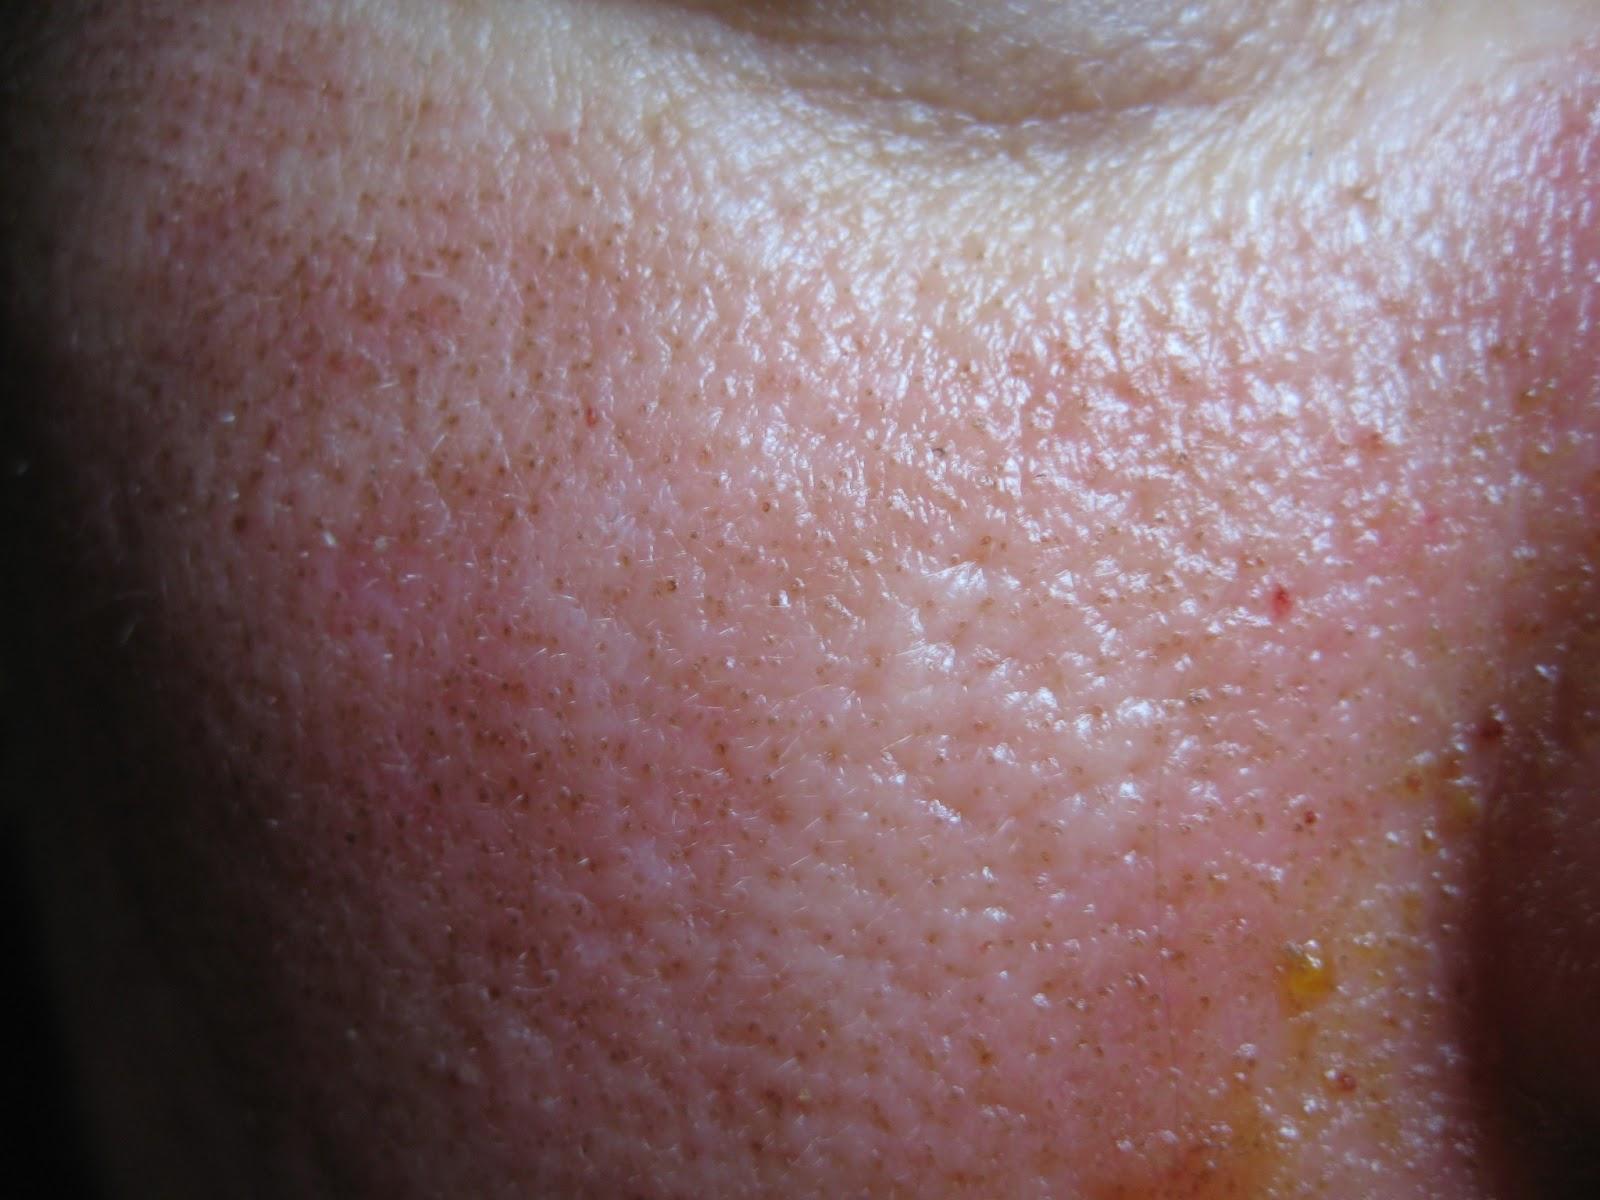 hpv és herpes simplex vírus